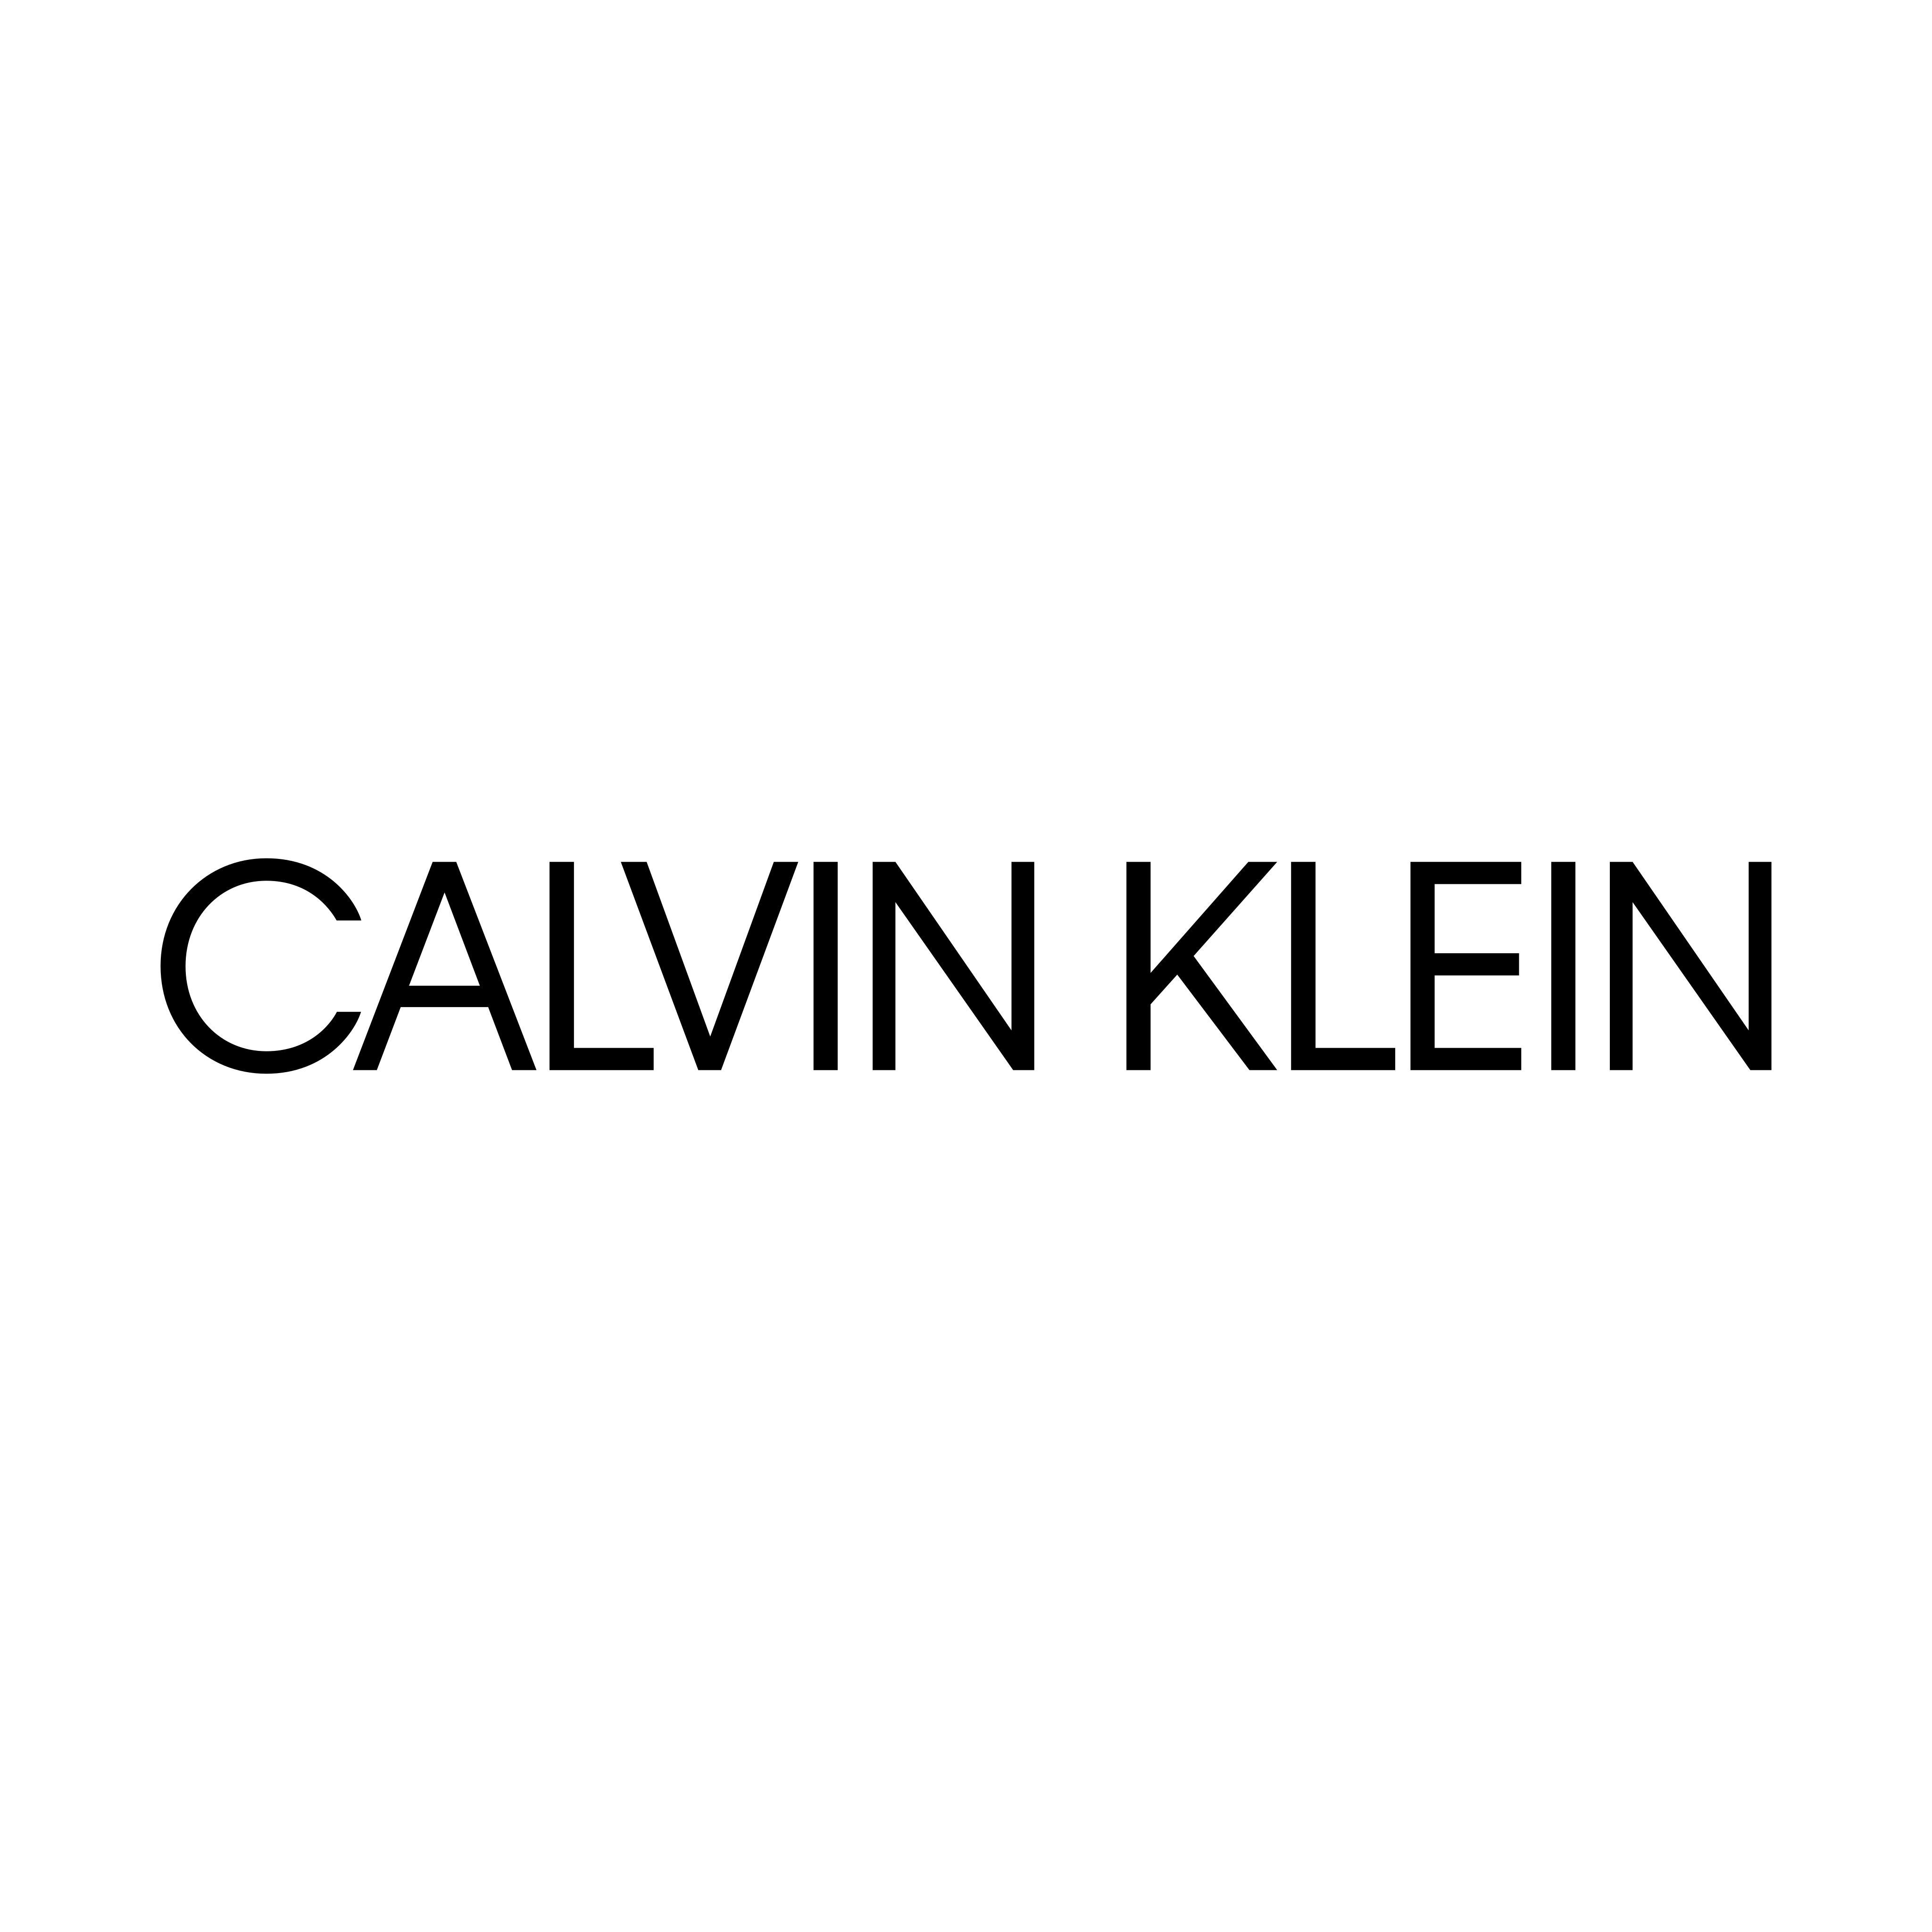 calvin klein logo 0 - Calvin Klein Logo